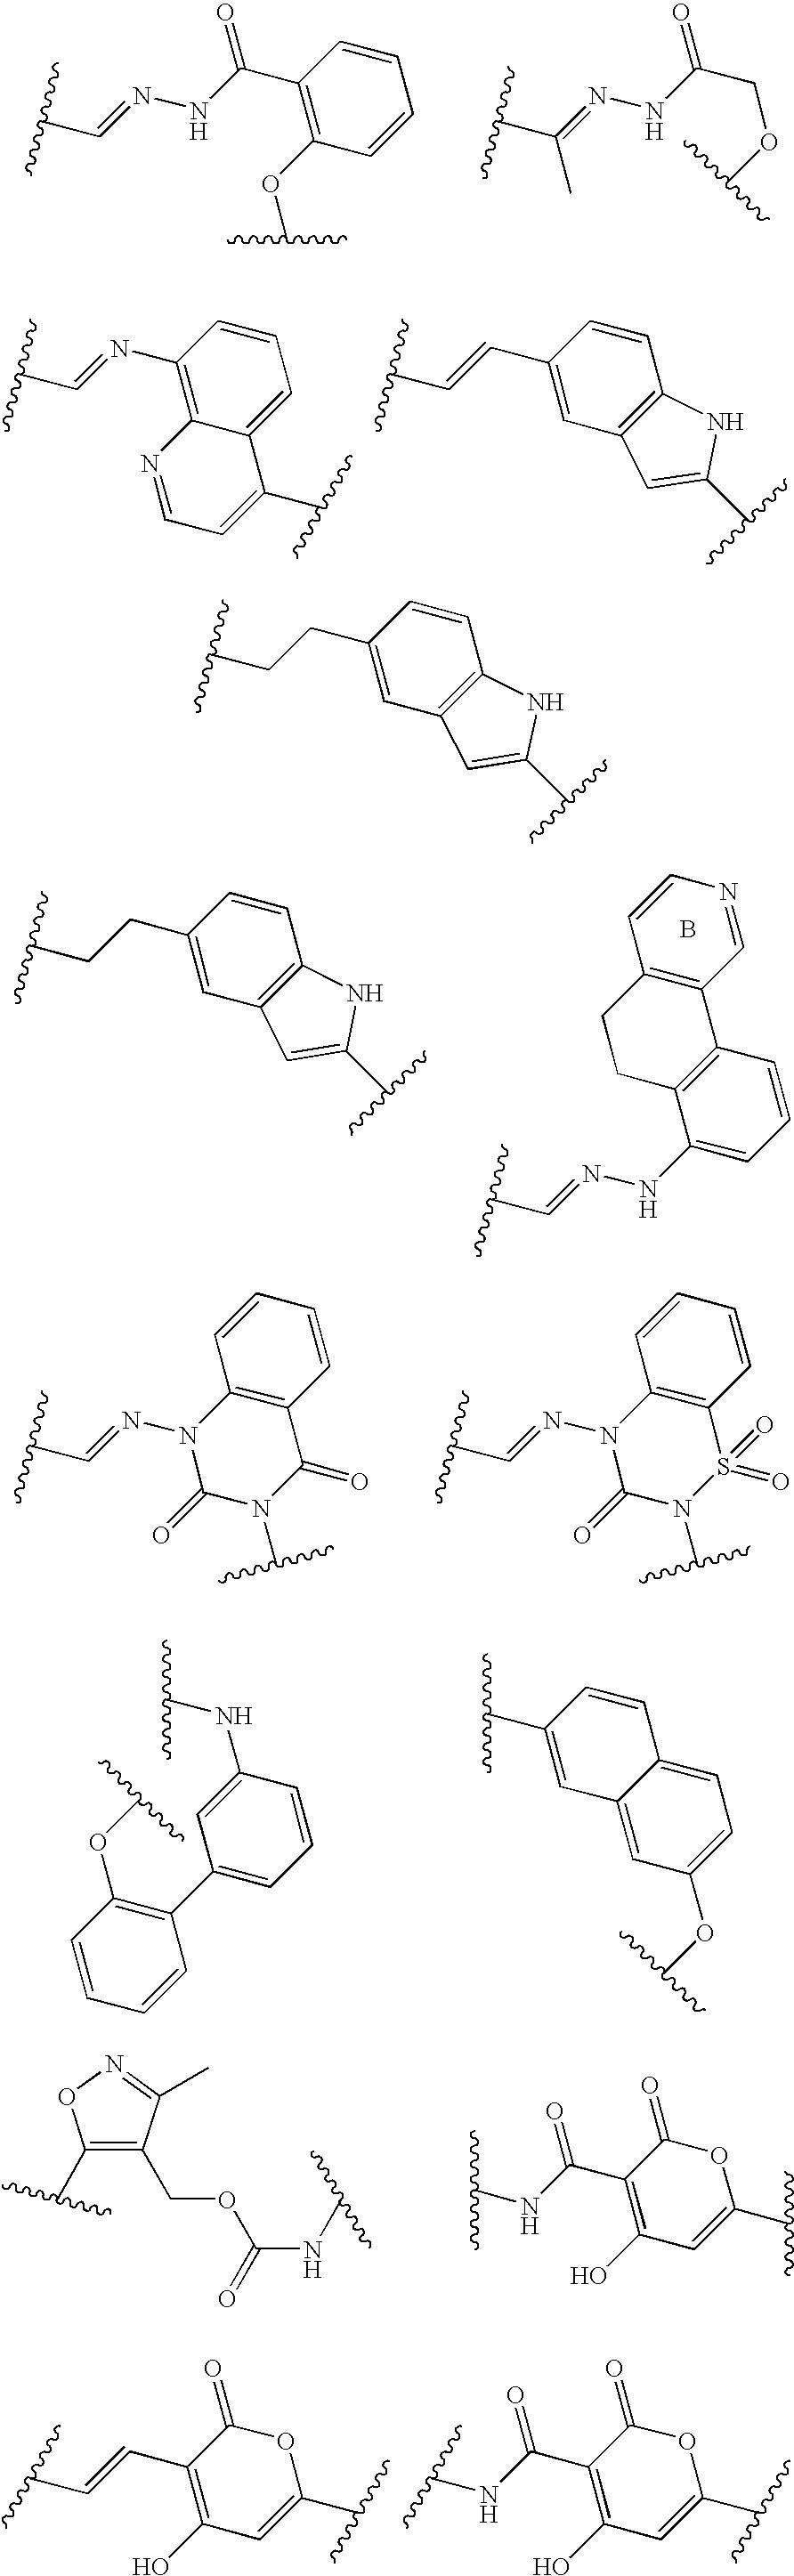 Figure US20040204477A1-20041014-C00017